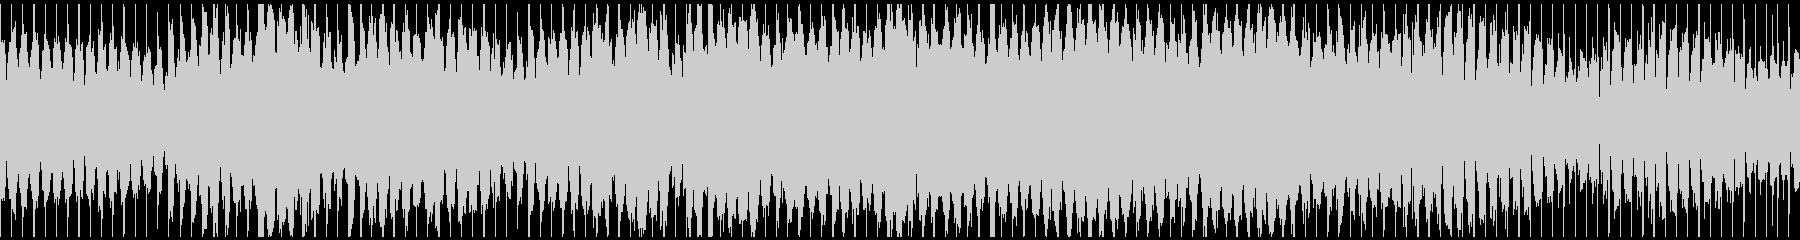 ノリノリな和風テクノ篠笛 ※ループ仕様版の未再生の波形